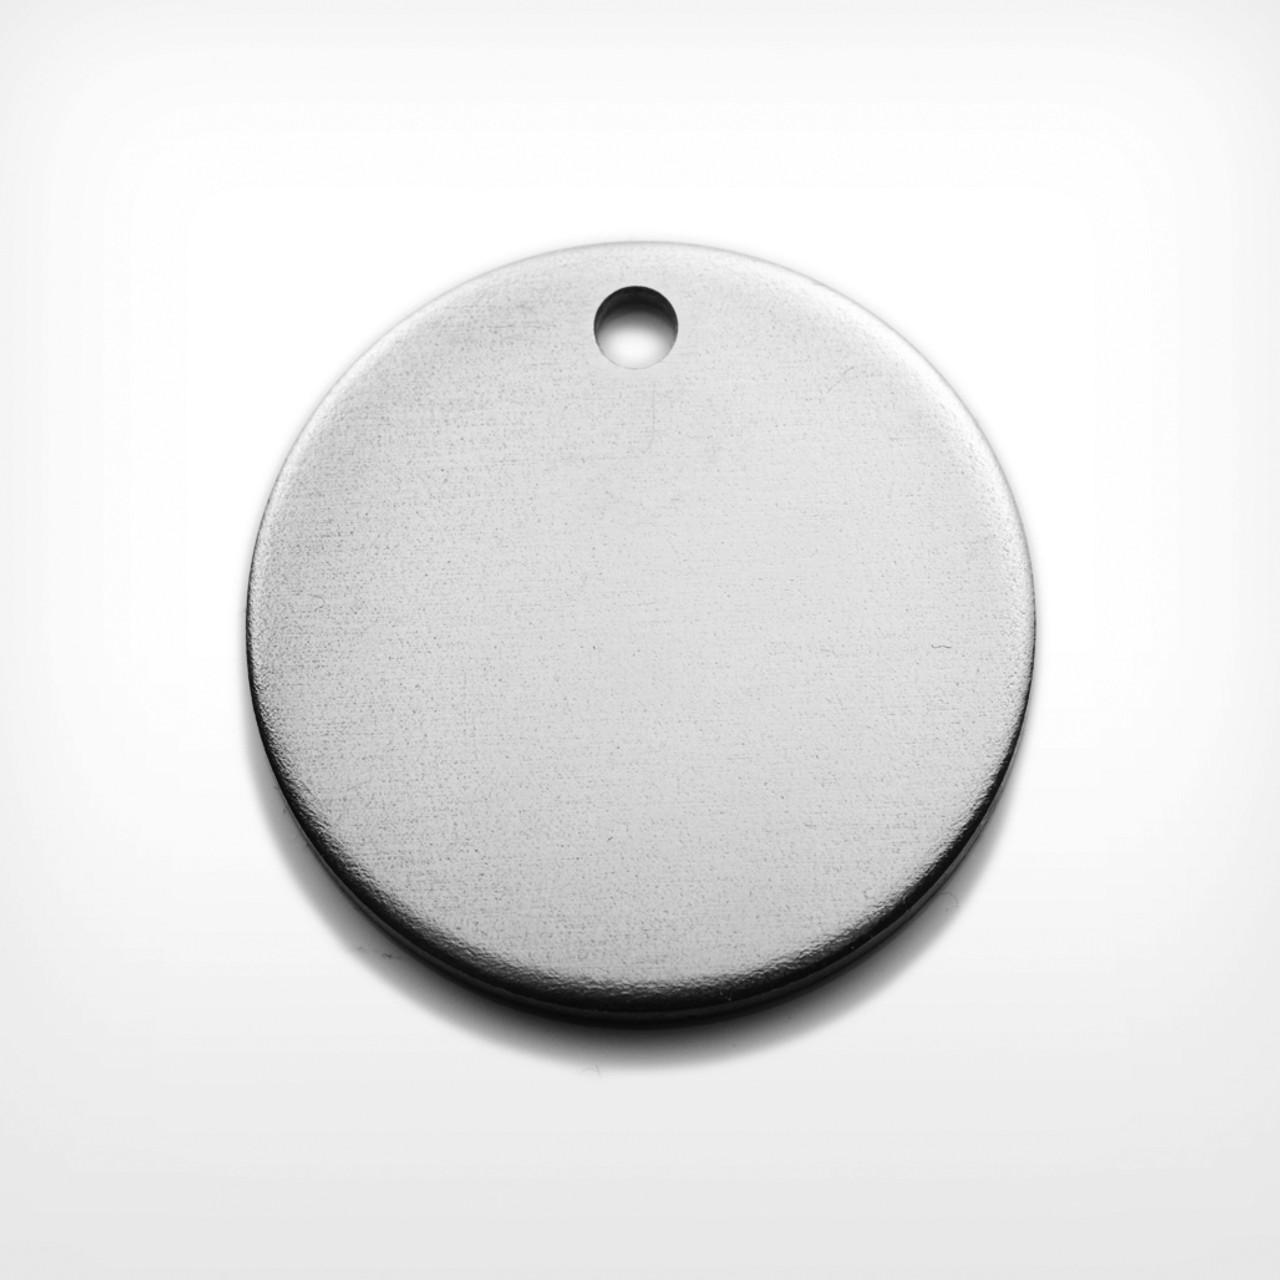 Aluminium Disc, 29mm, heavy gauge - Pack of 10 (637-AL)